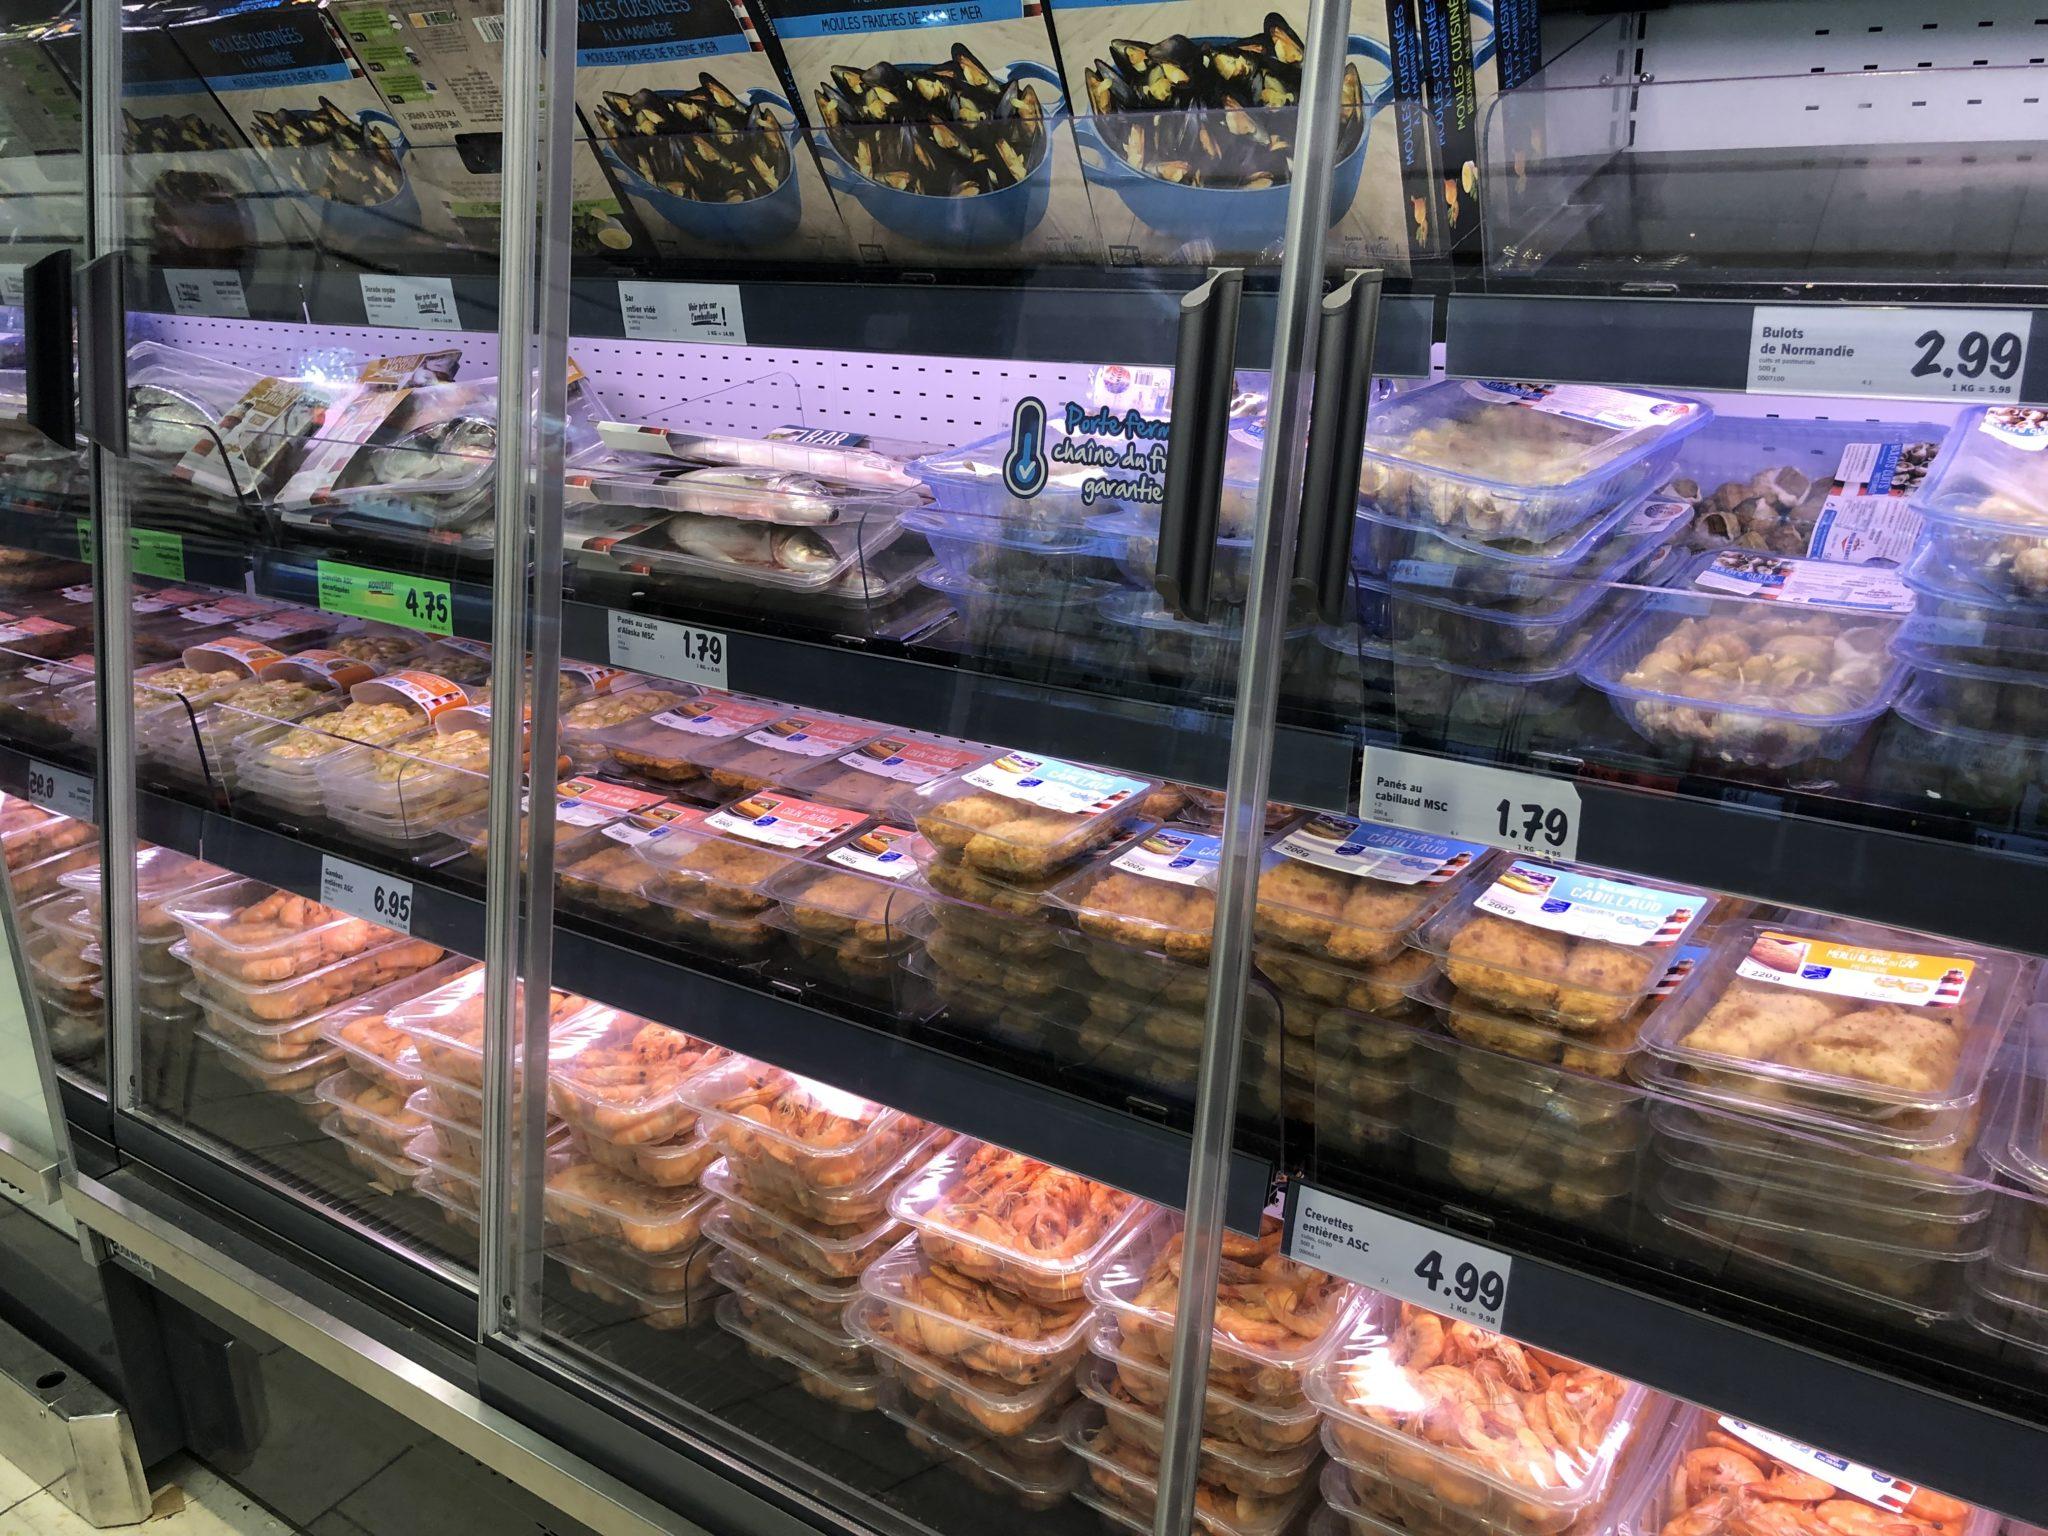 Fischtheke Kühlregal, sehr billige Preise, die Theke ist stark gefüllt